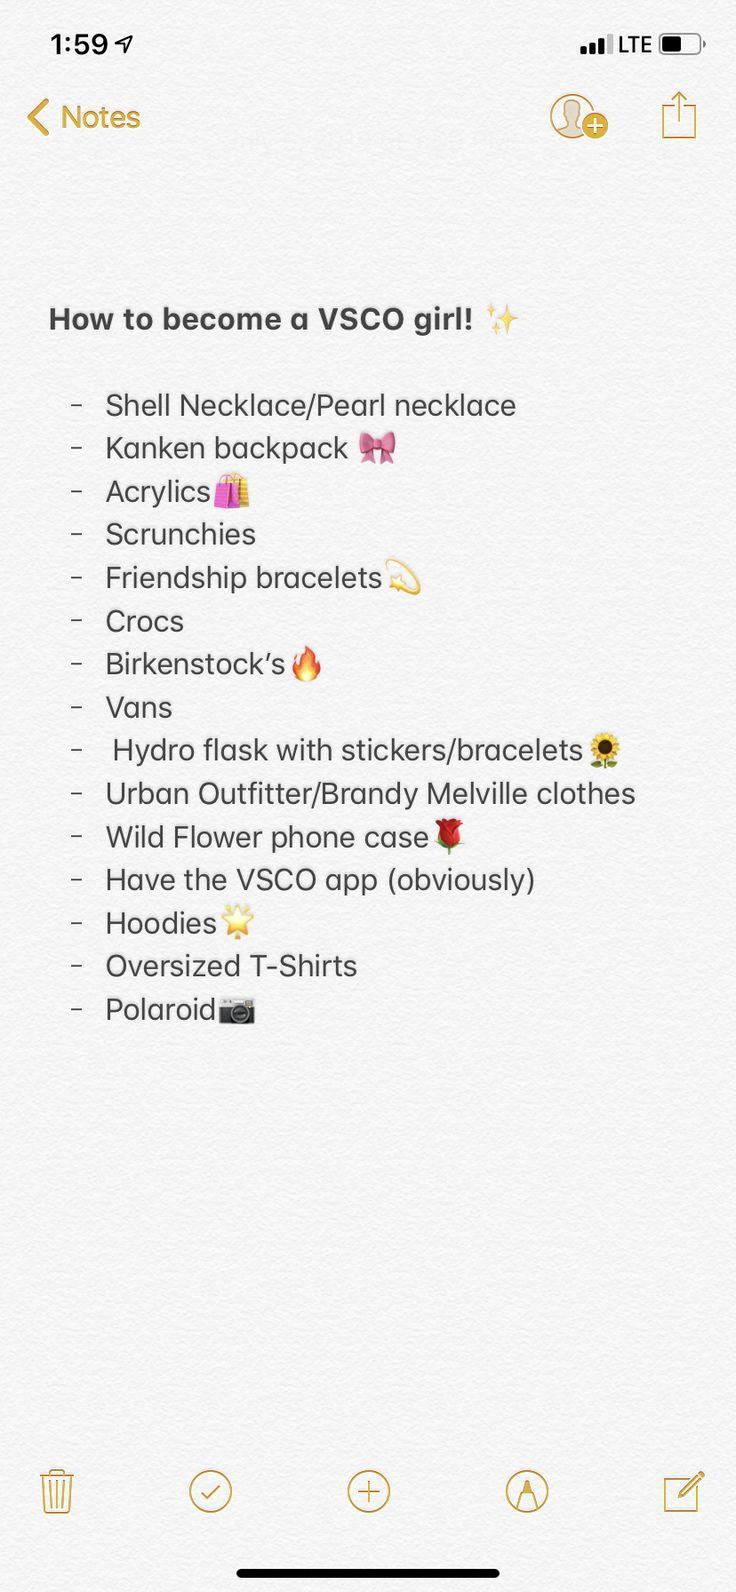 VSCO Girl Checklist!🌻